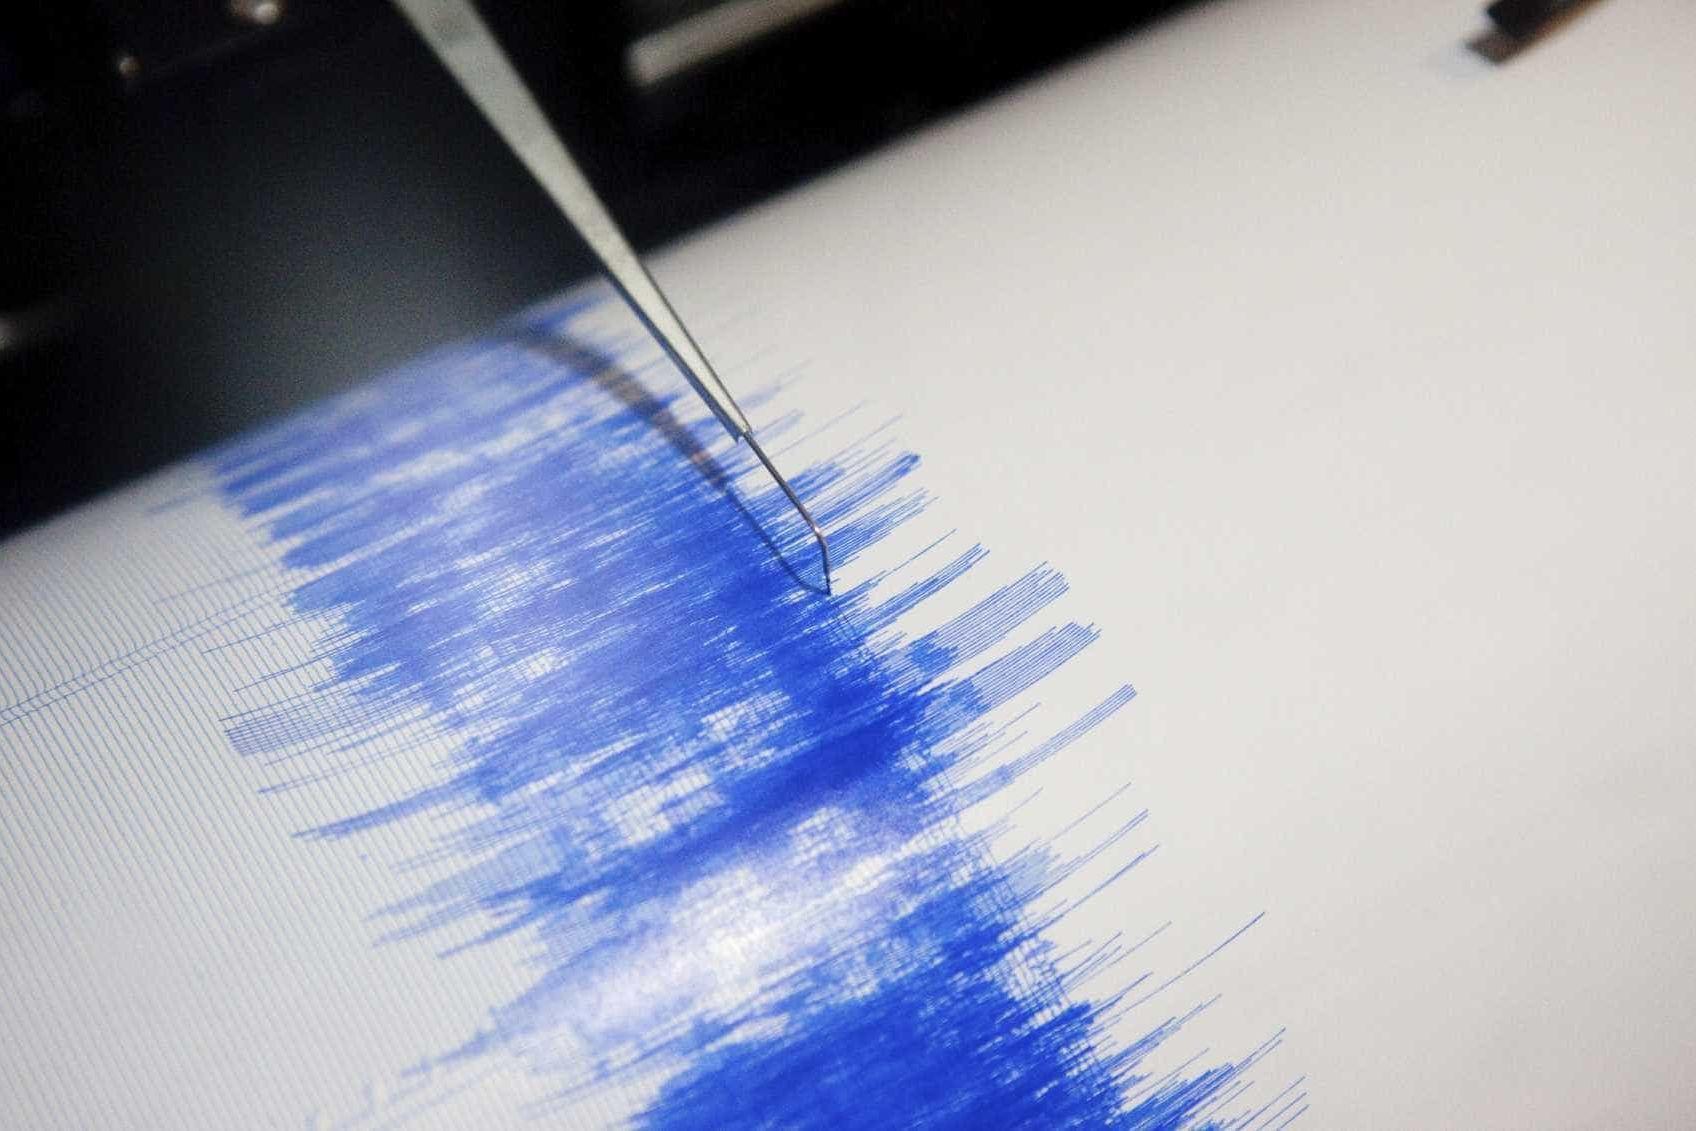 Sismo com magnitude 2,7 sentido na região de Évora